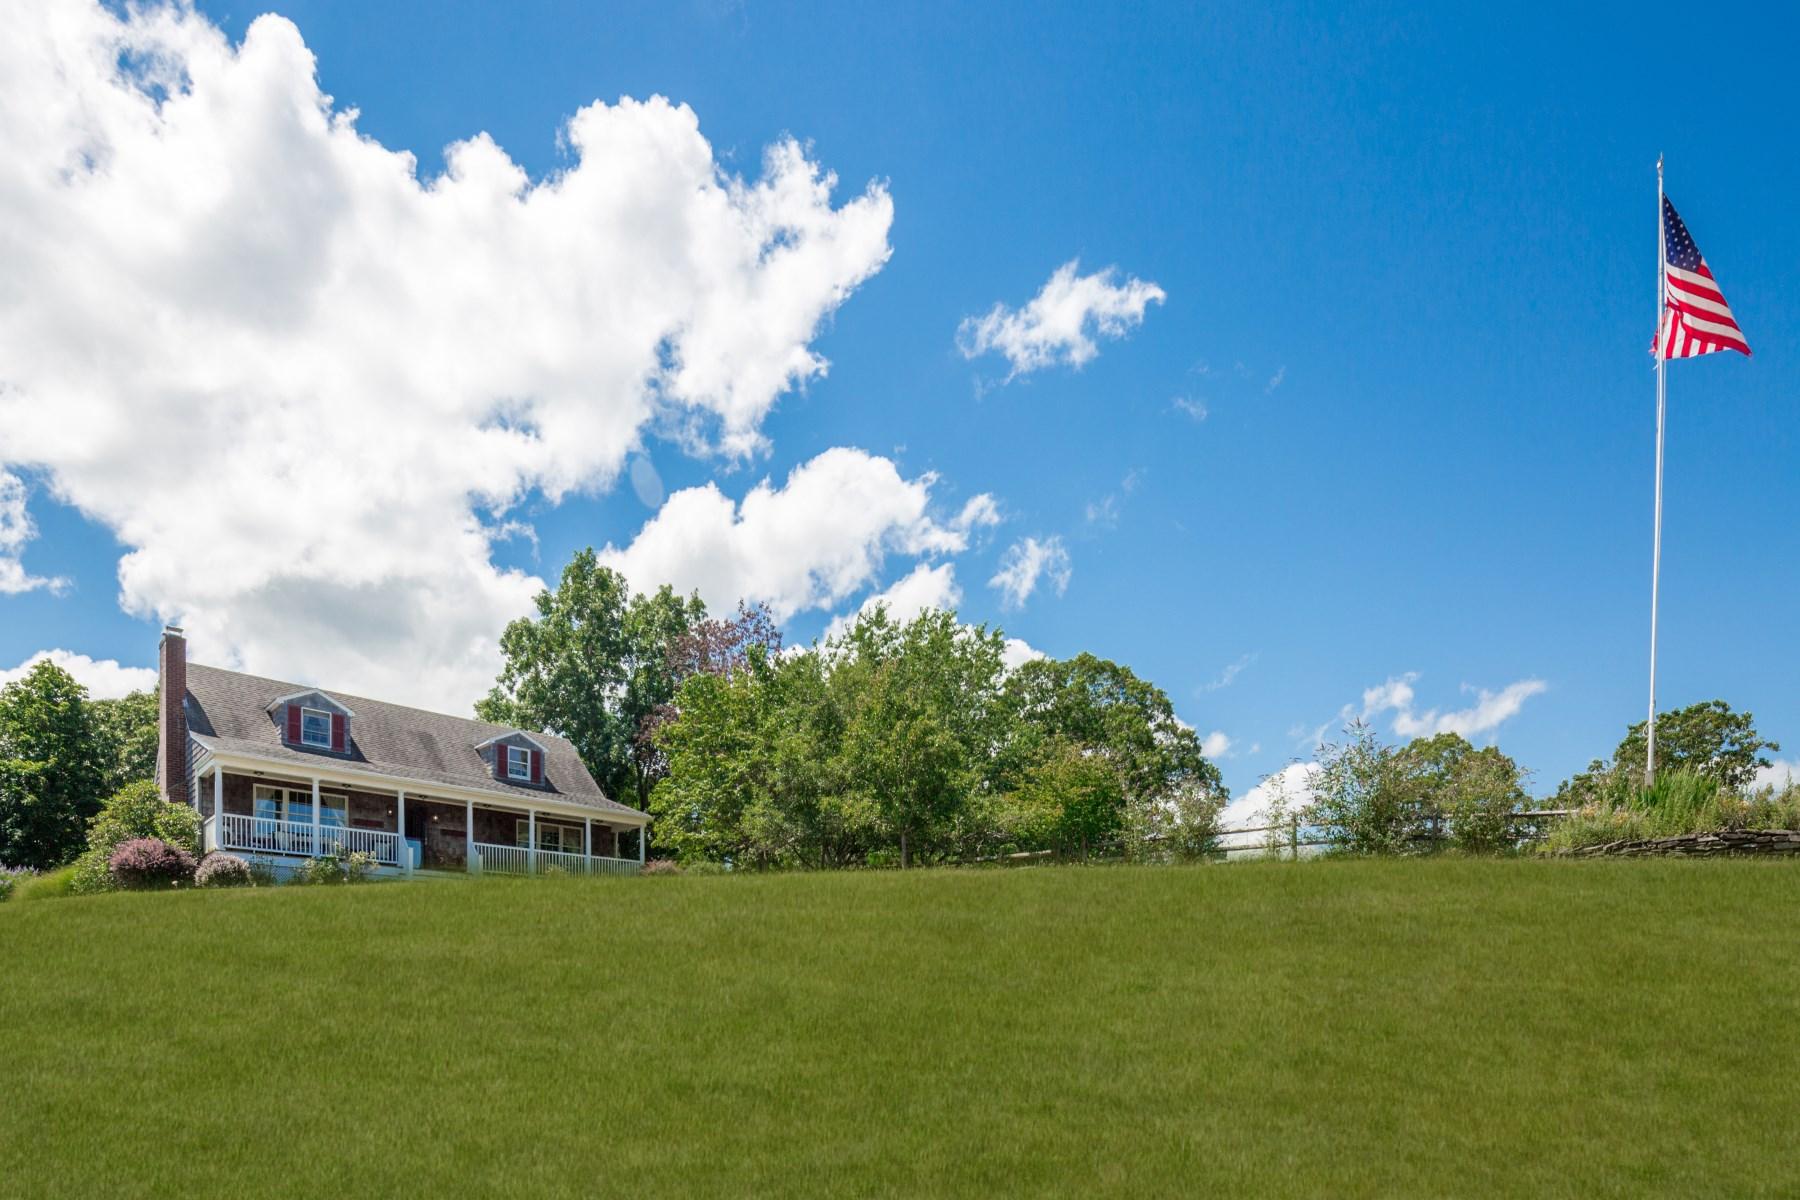 단독 가정 주택 용 매매 에 Sag Harbor Village Home, 3/4 Acres 26 Jermain Avenue, Sag Harbor Village, Sag Harbor, 뉴욕, 11963 미국